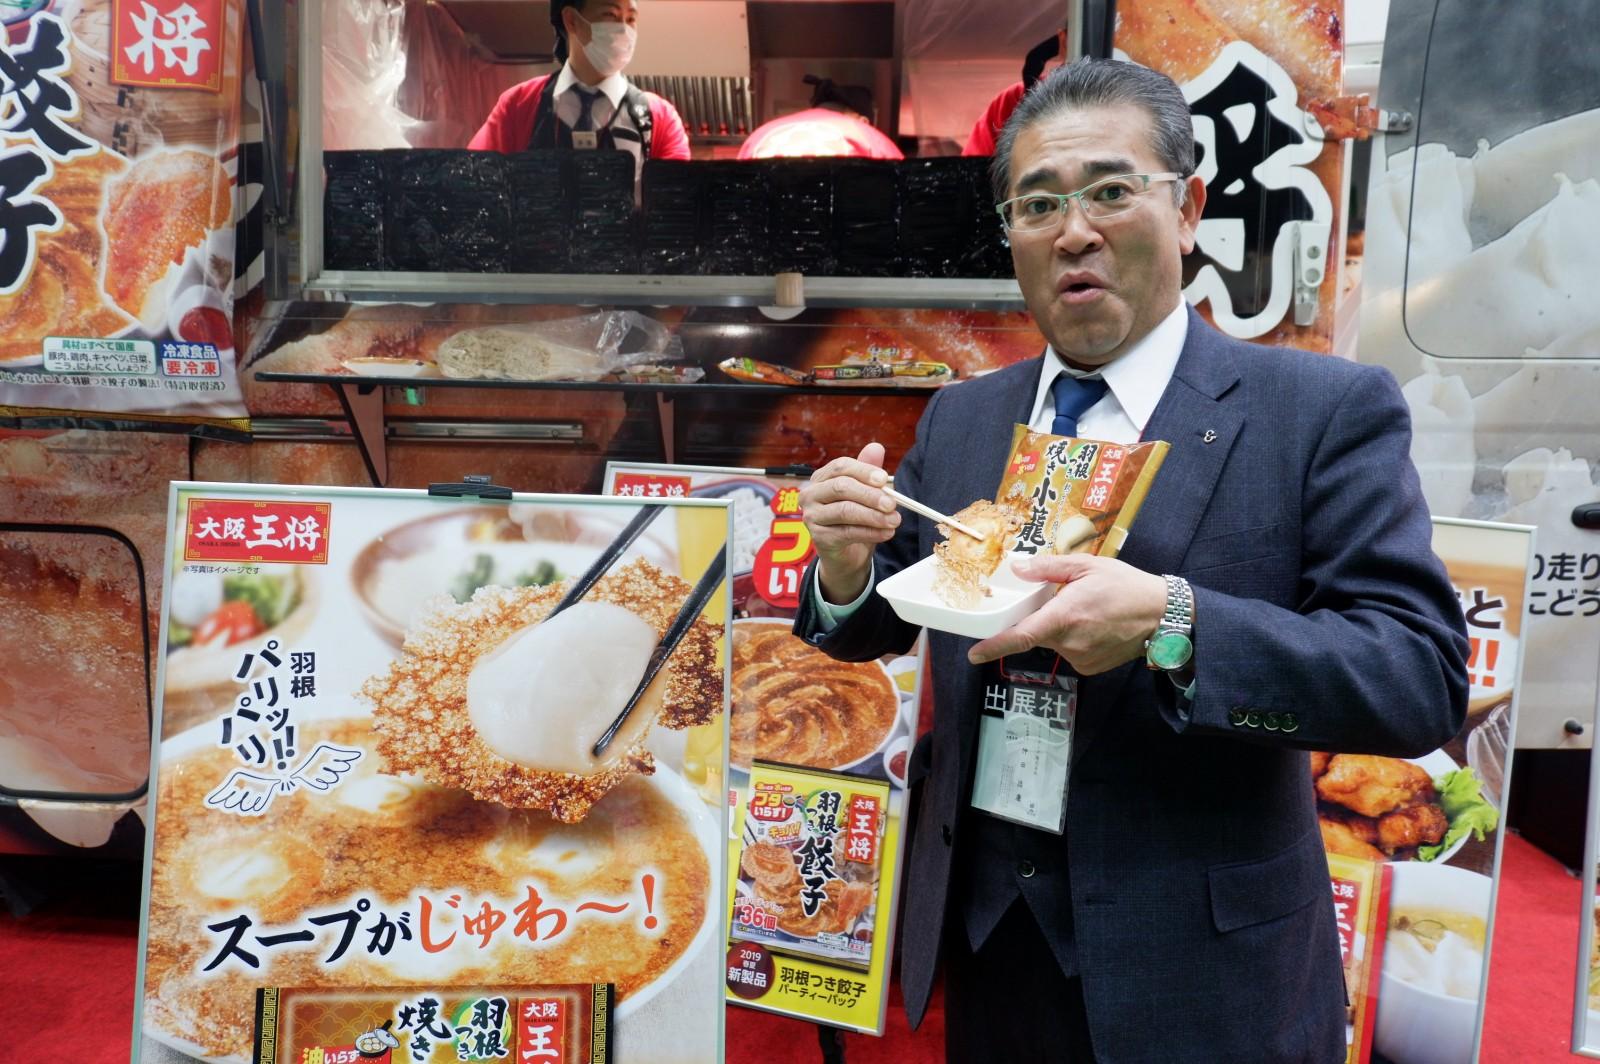 速報! Mart読者モニタ100名投票 冷凍食品新商品人気第1位は「大阪王将 羽根つき焼き小籠包」